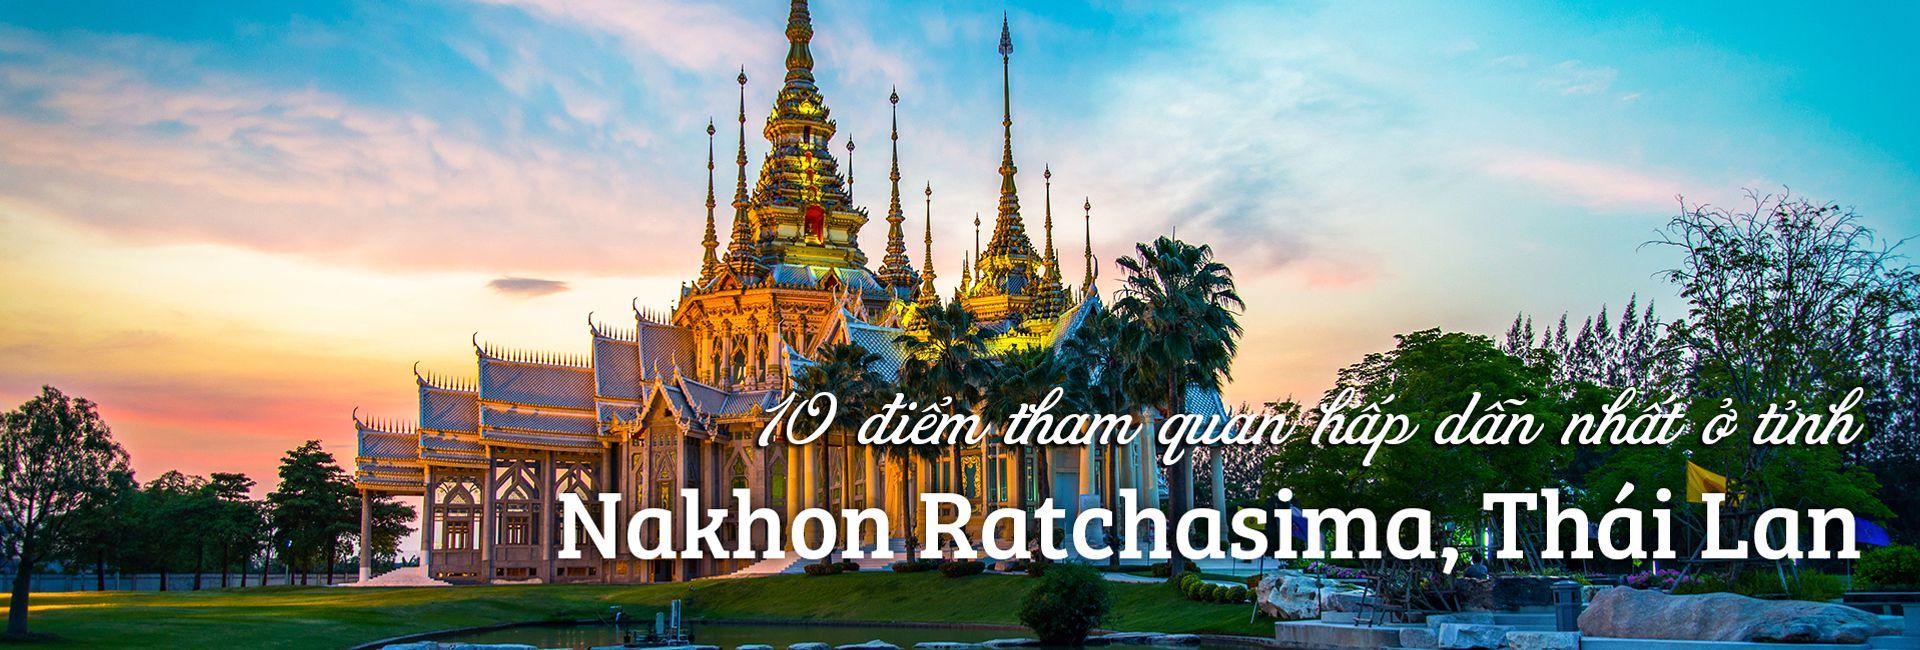 Top 10 địa điểm du lịch hấp dẫn tại Nakhon Ratchasima